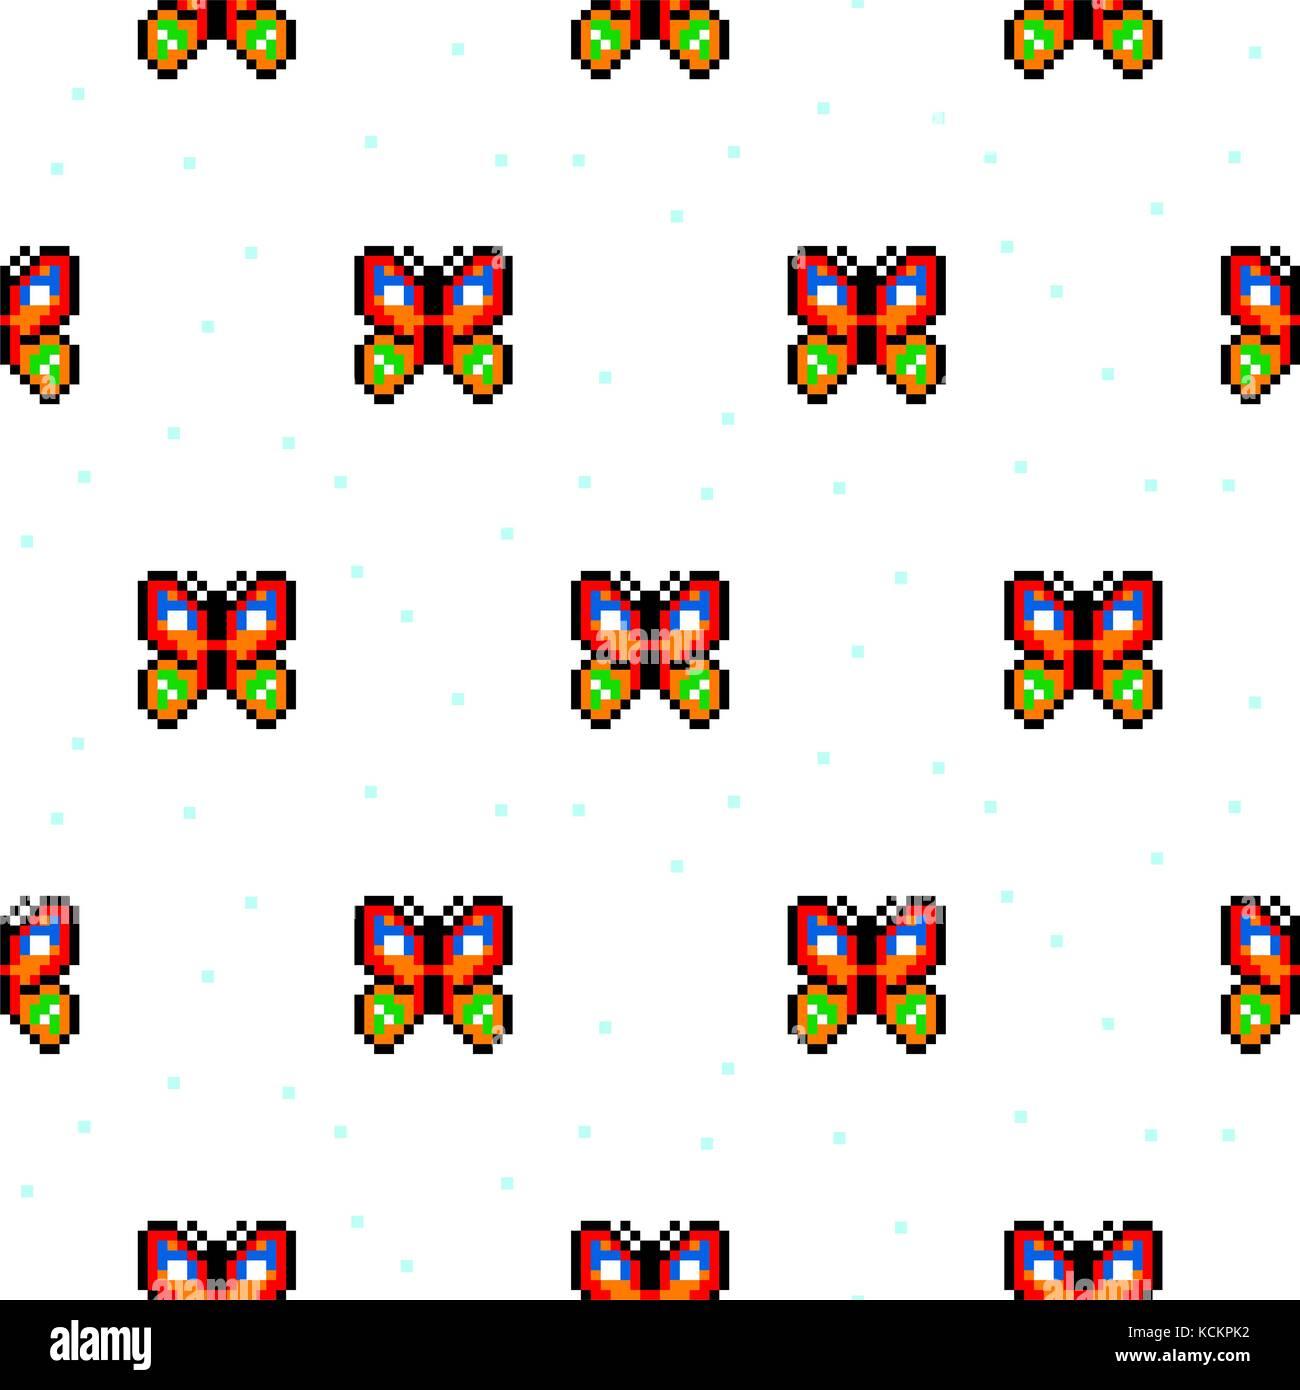 Dessin animé papillon lumineux pixel art modèle homogène